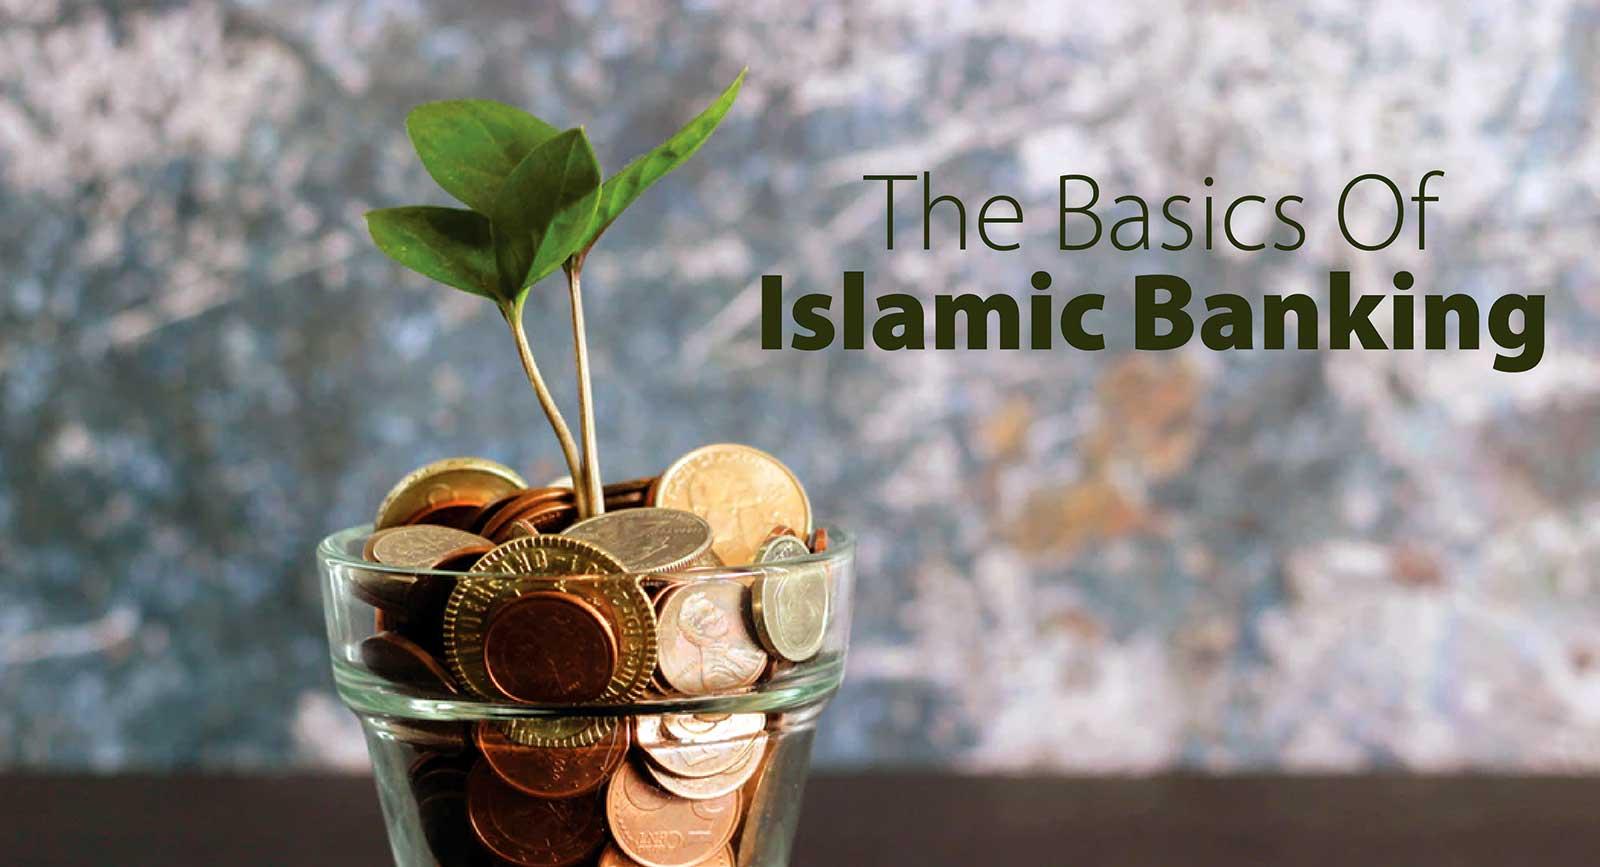 The Basics Of Islamic Banking